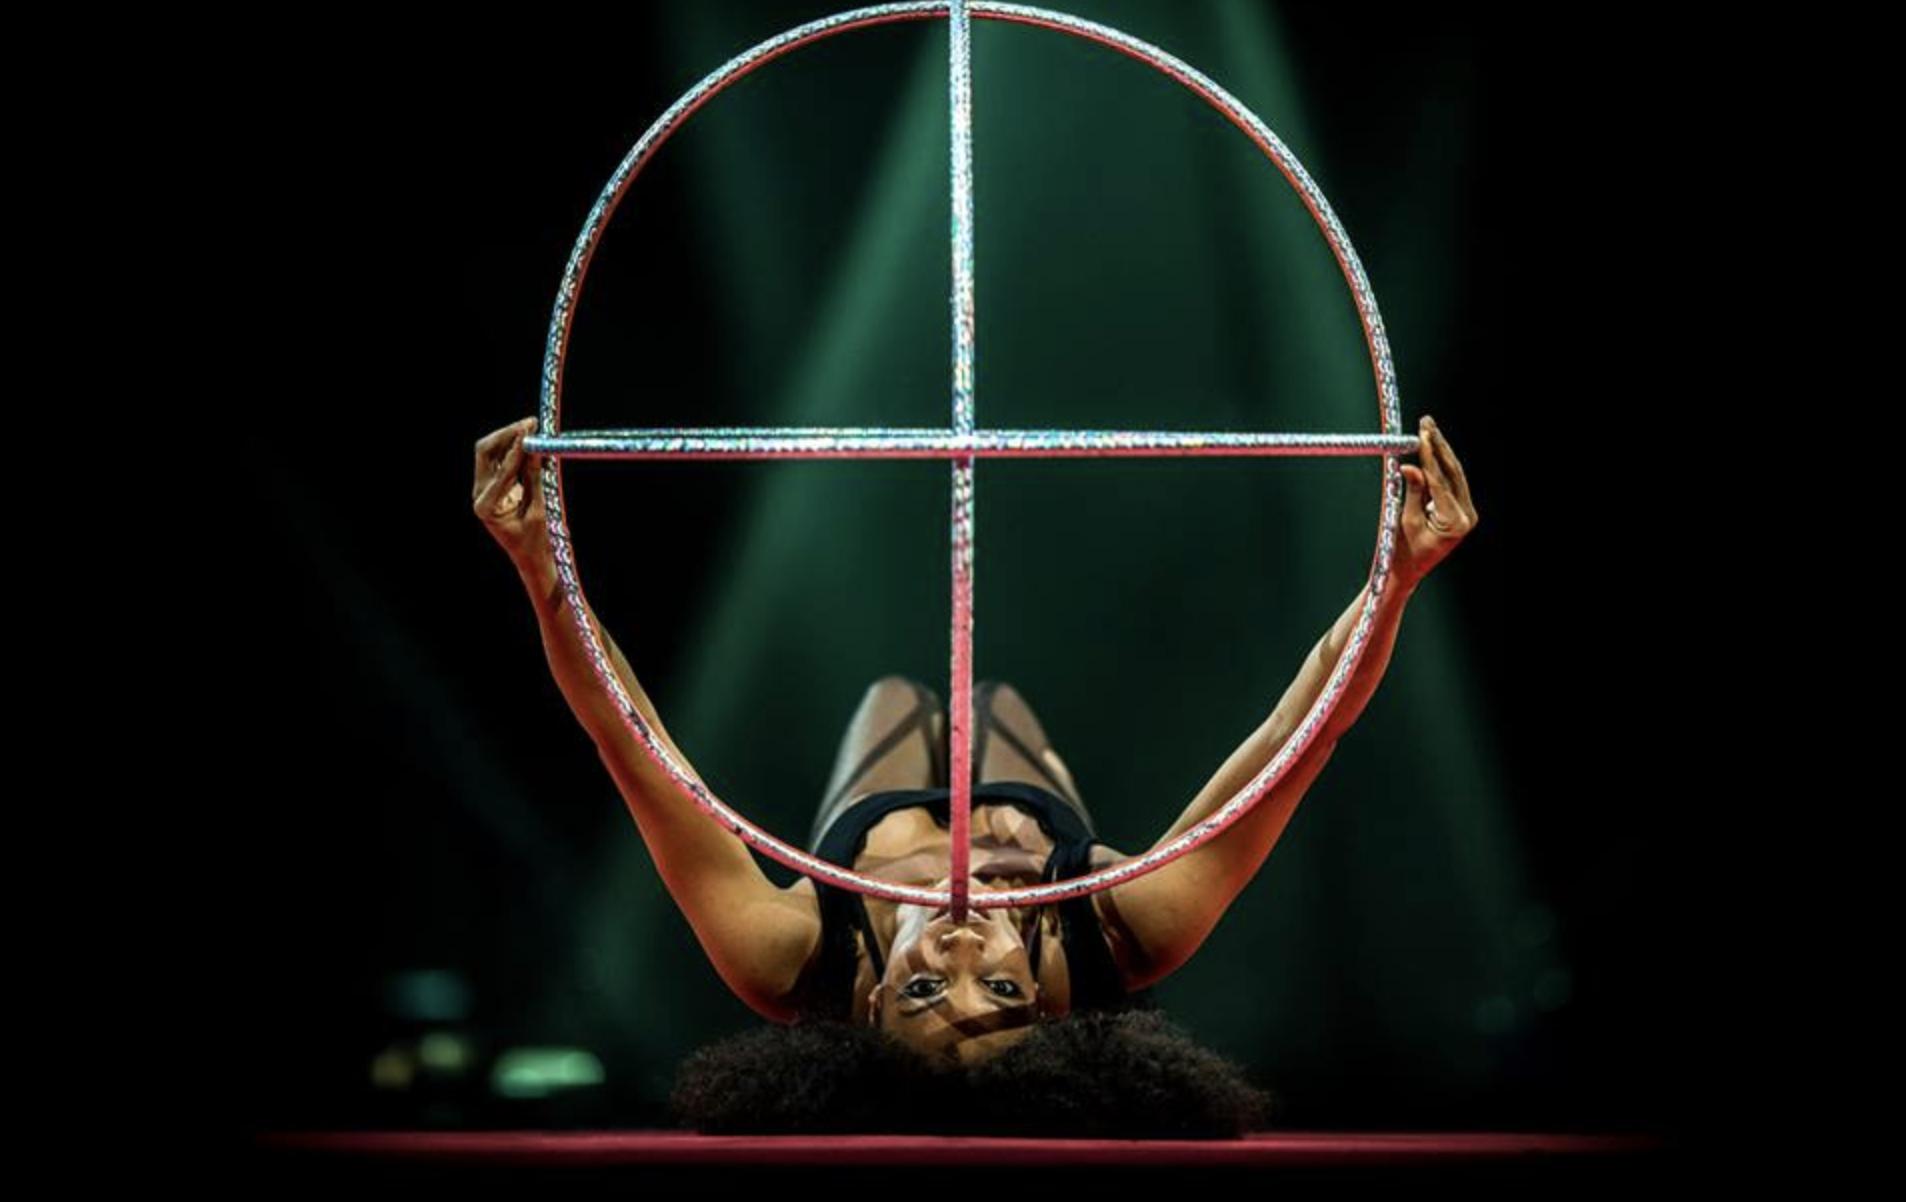 Michele Frances Clark fährt keine heiße Reifen, sondern dreht sie durch die Luft, lässt sie auf ihren Hüften kreisen und fängt sich am Ende selbst in einem Käfig aus Ringen. © Michele Clark